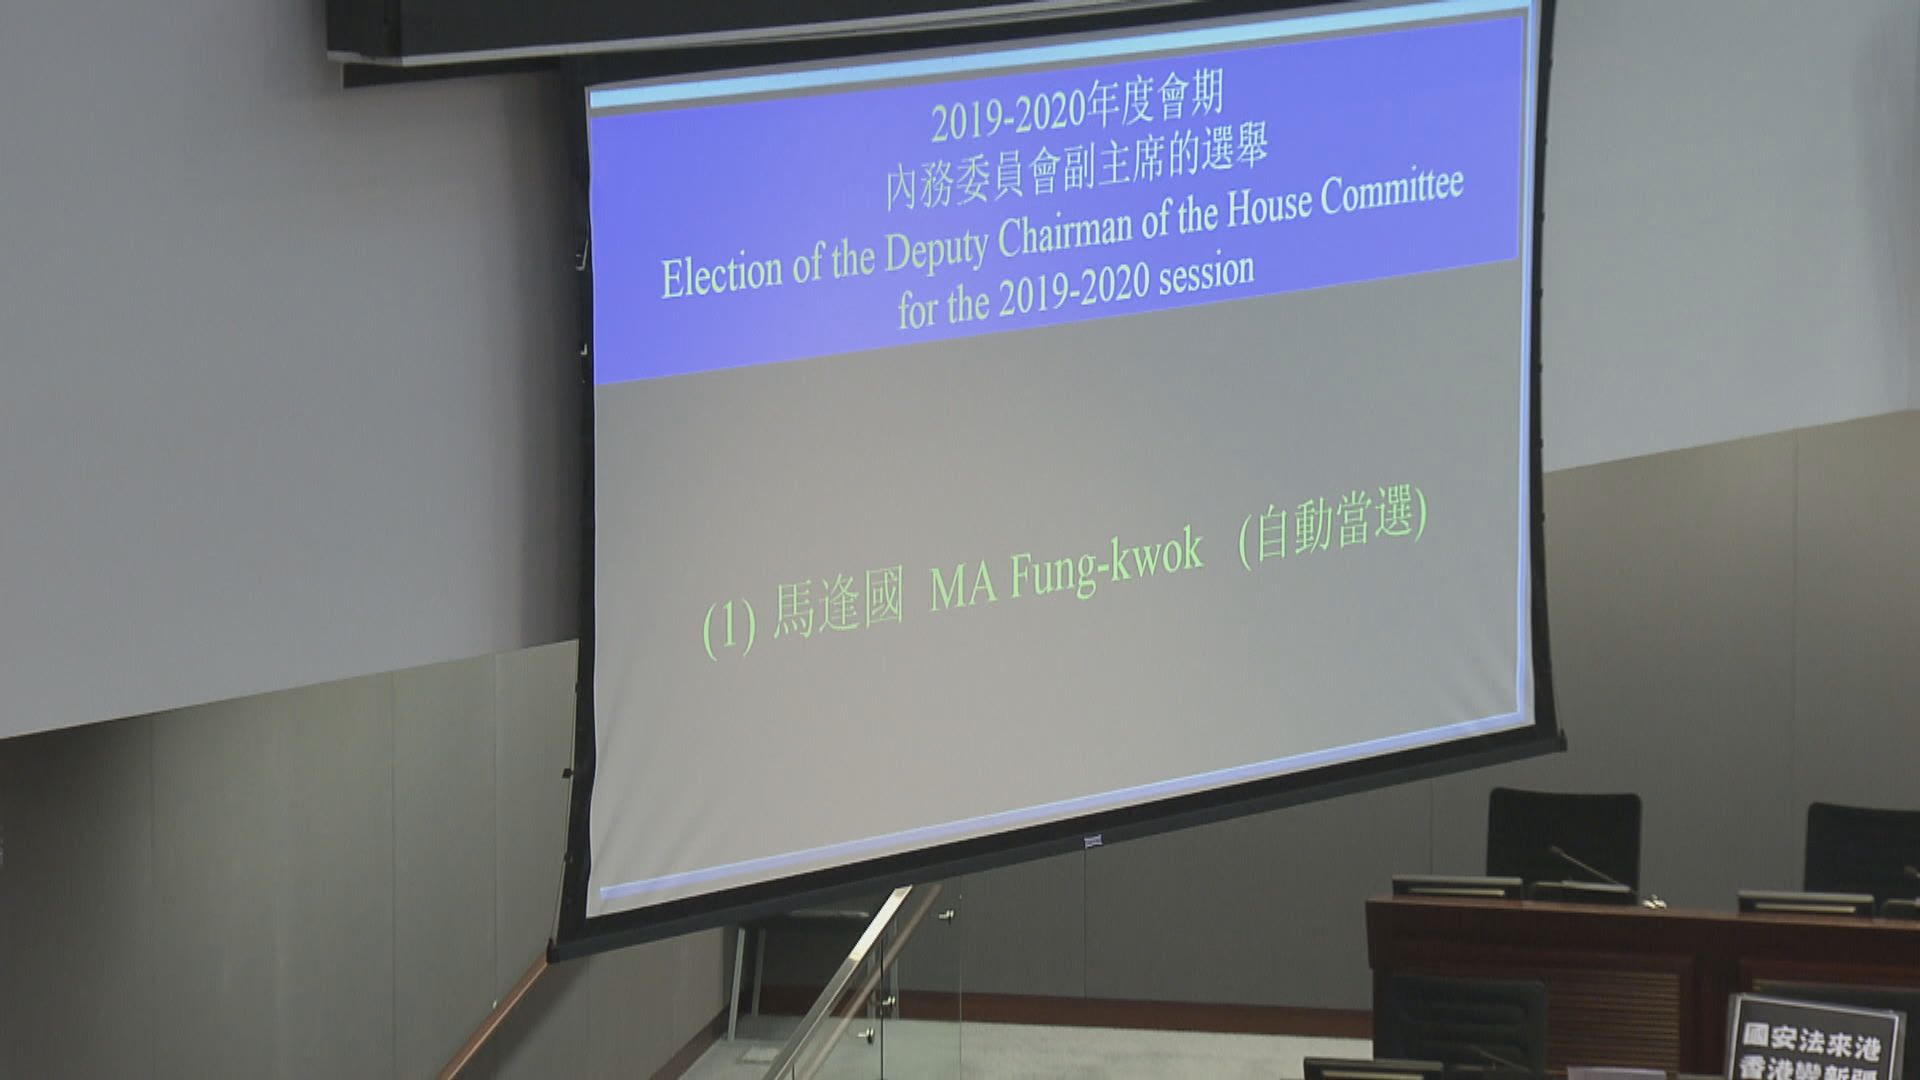 民主派抗議聲下 李慧琼宣布馬逢國當選內會副主席